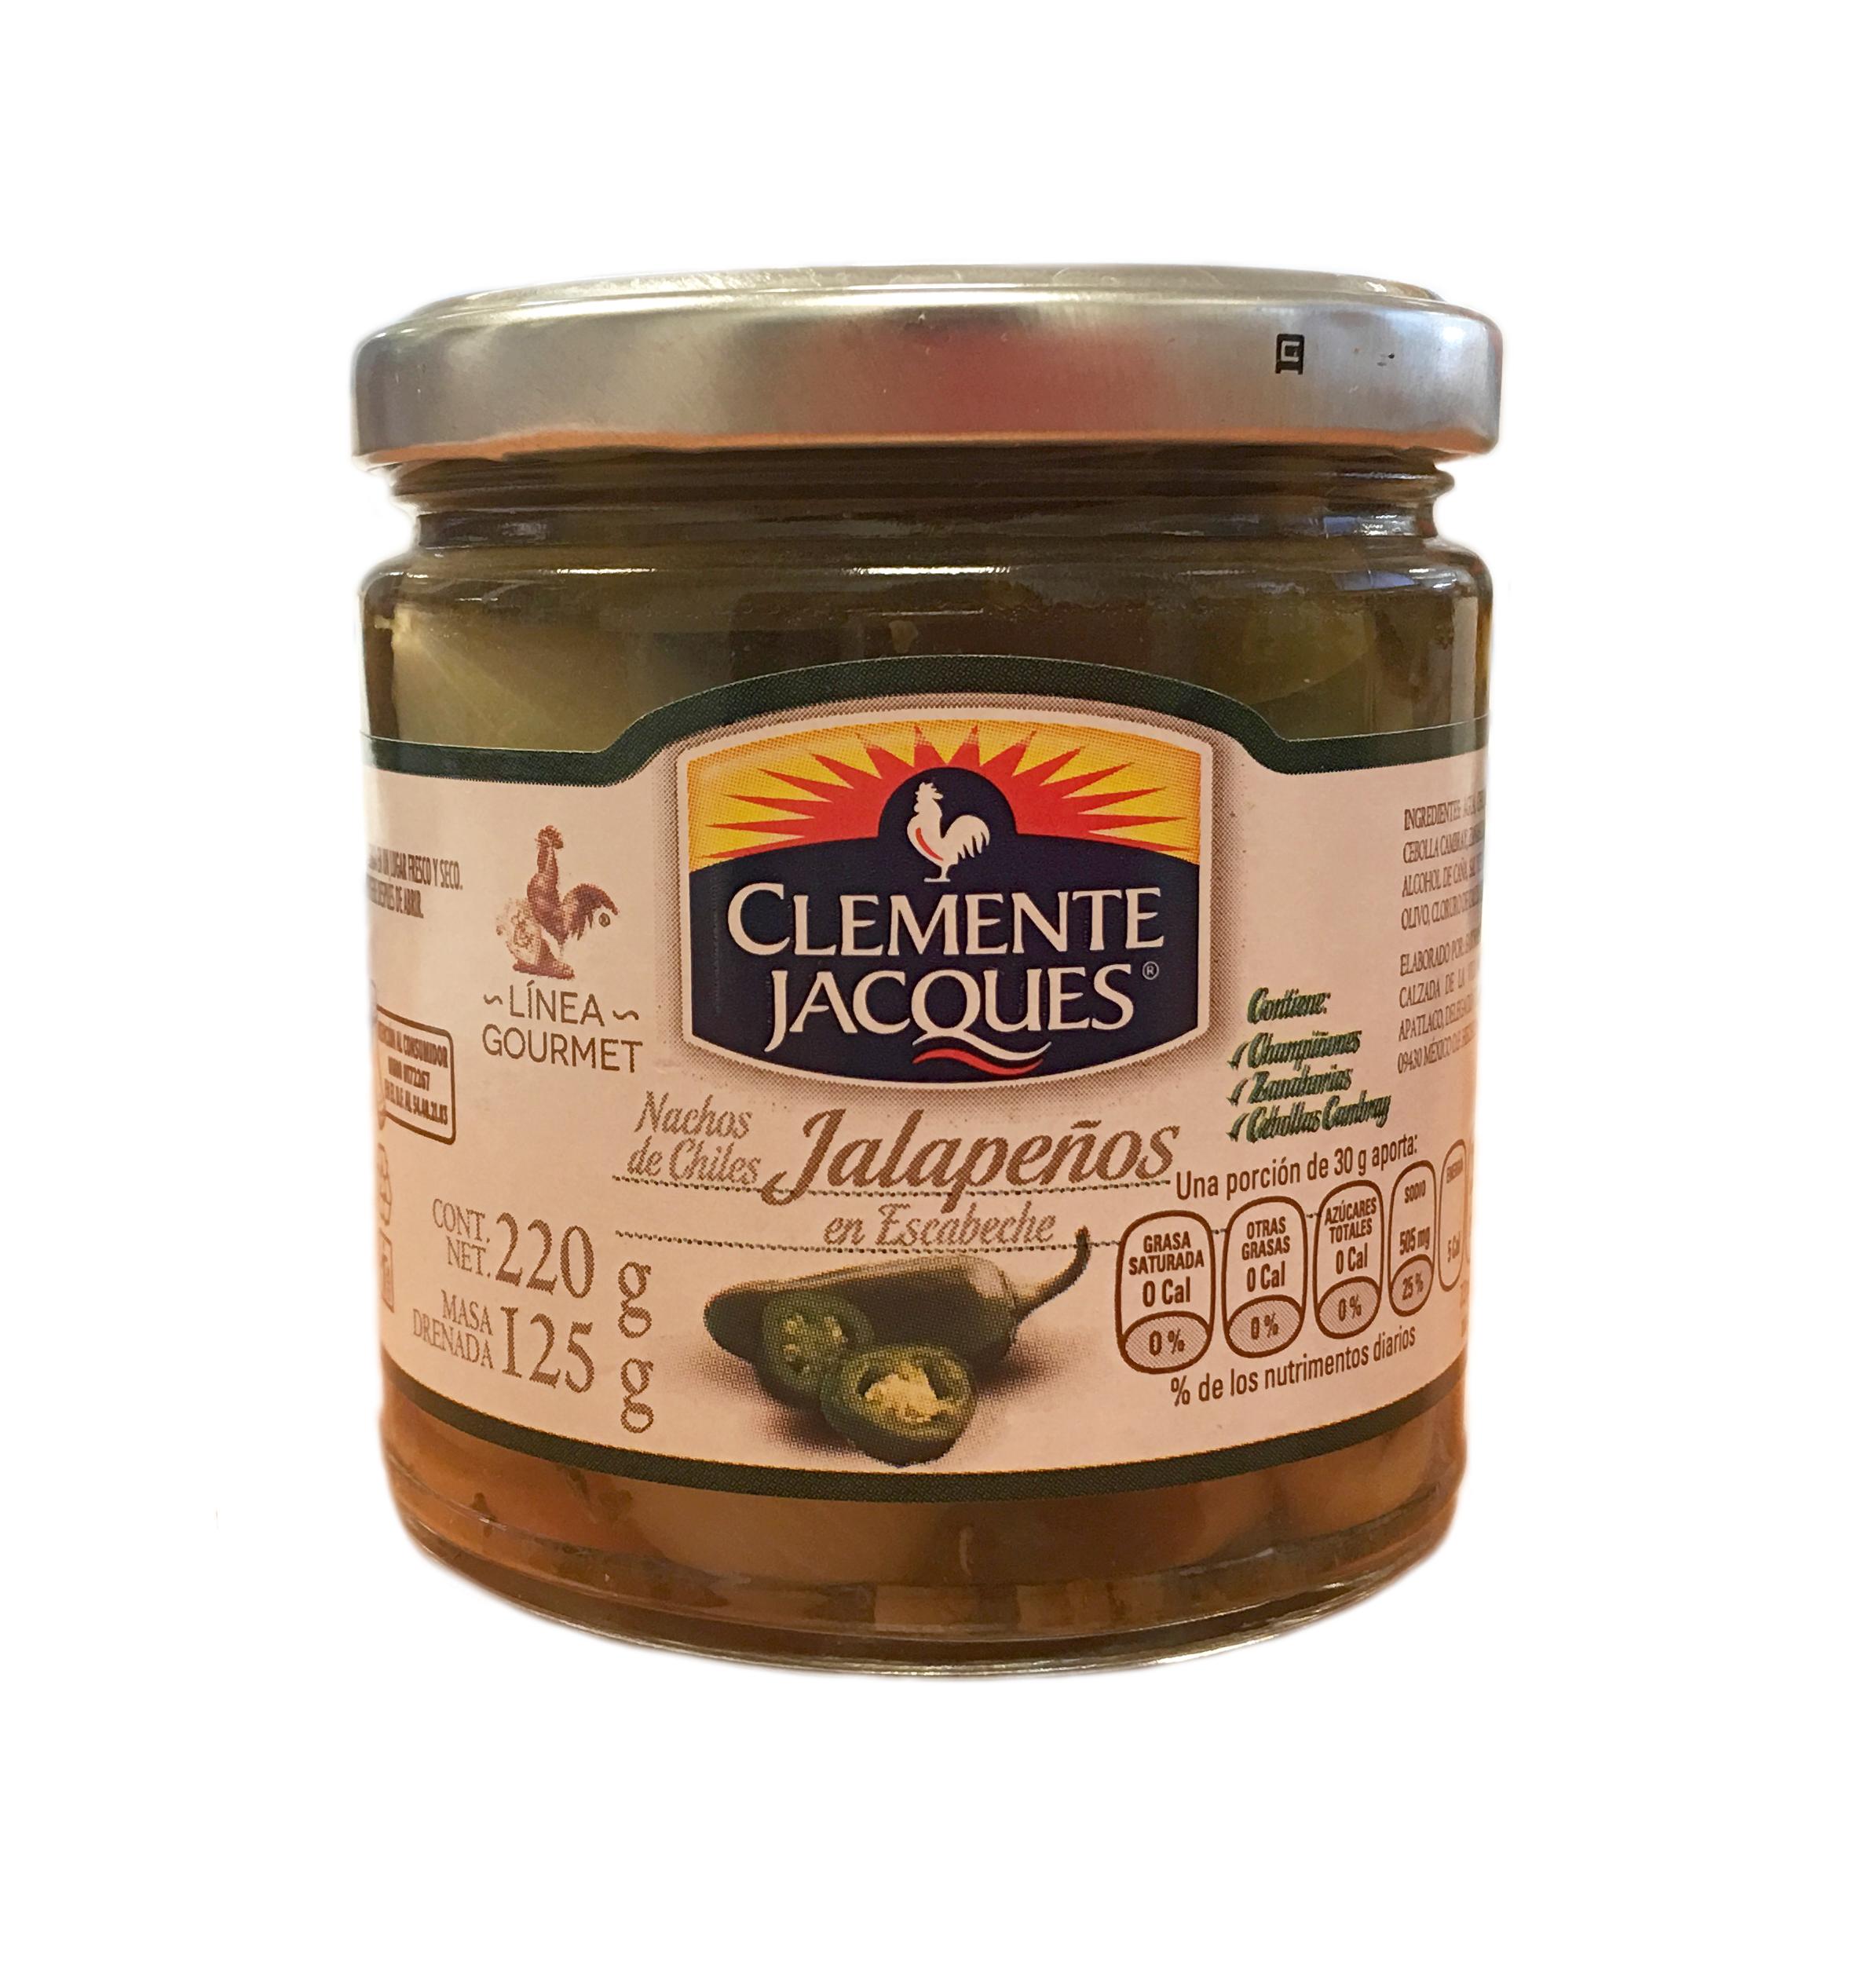 Jalapeños nachos Gourmet Clemente Jacques 220g frasco de cristal